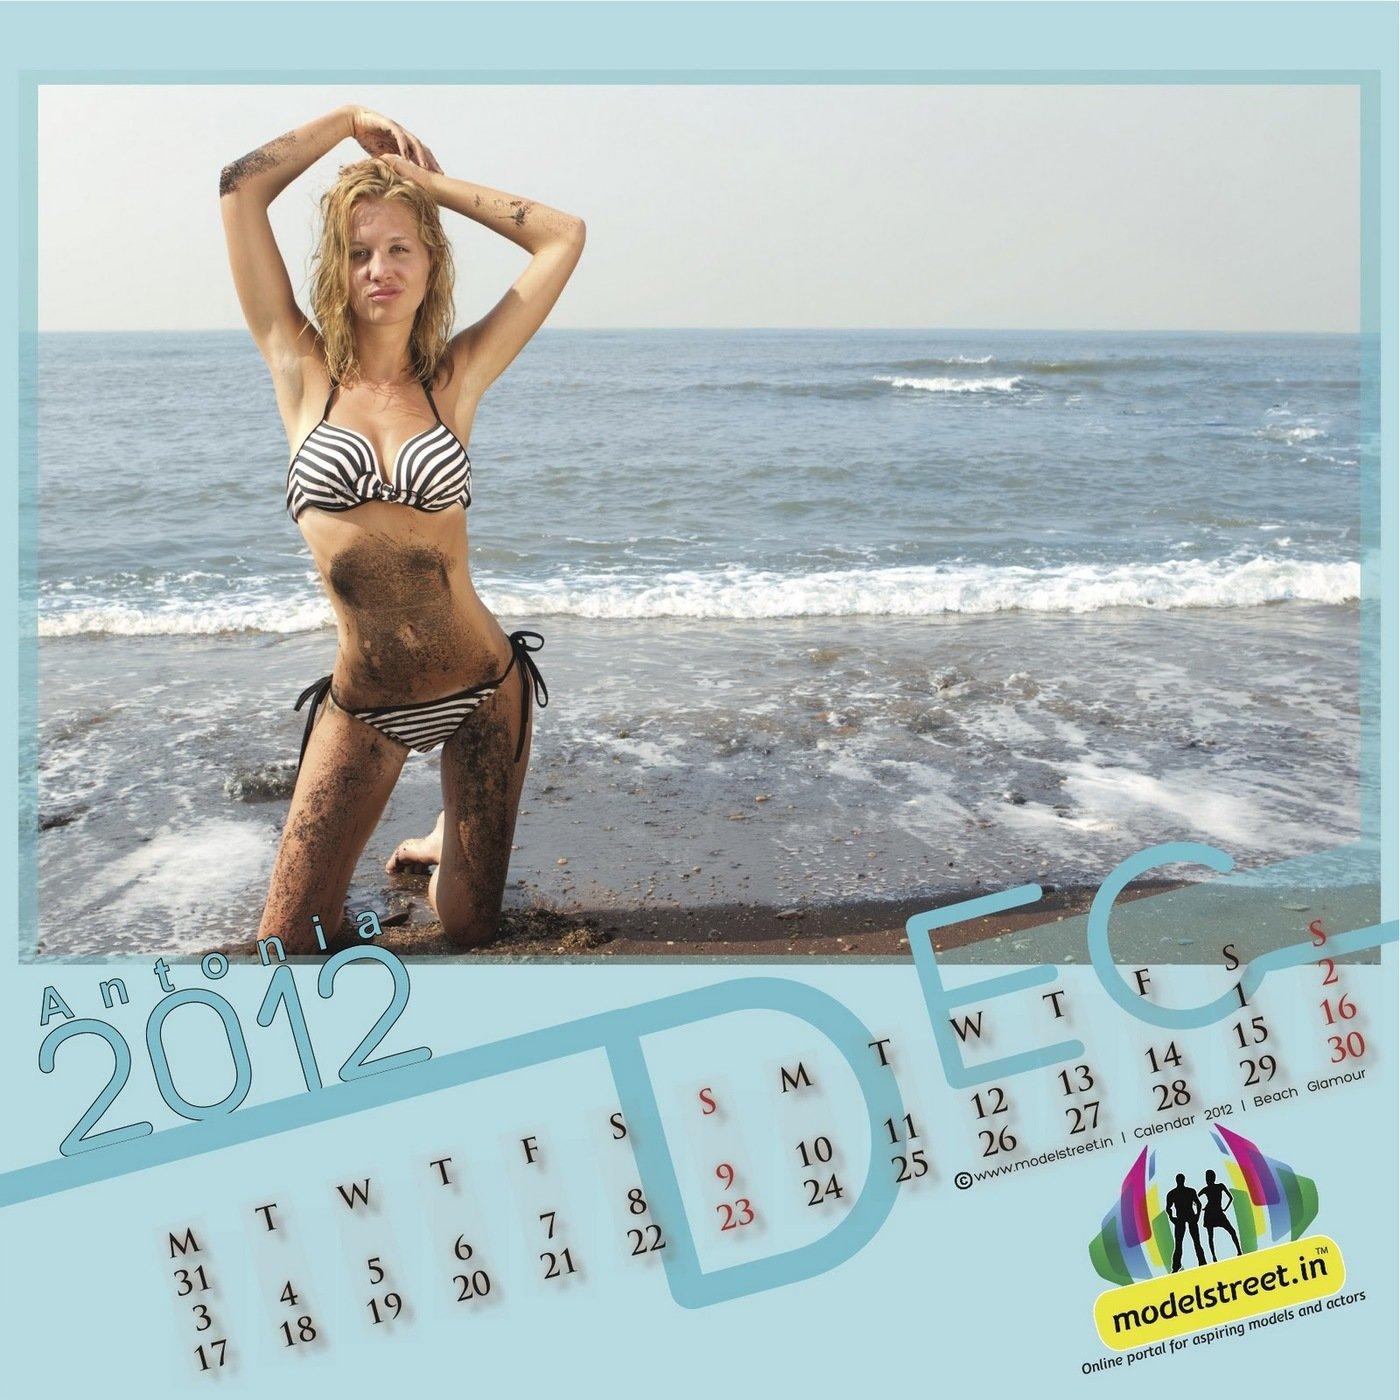 Bikini calender dvd, anal dream girls